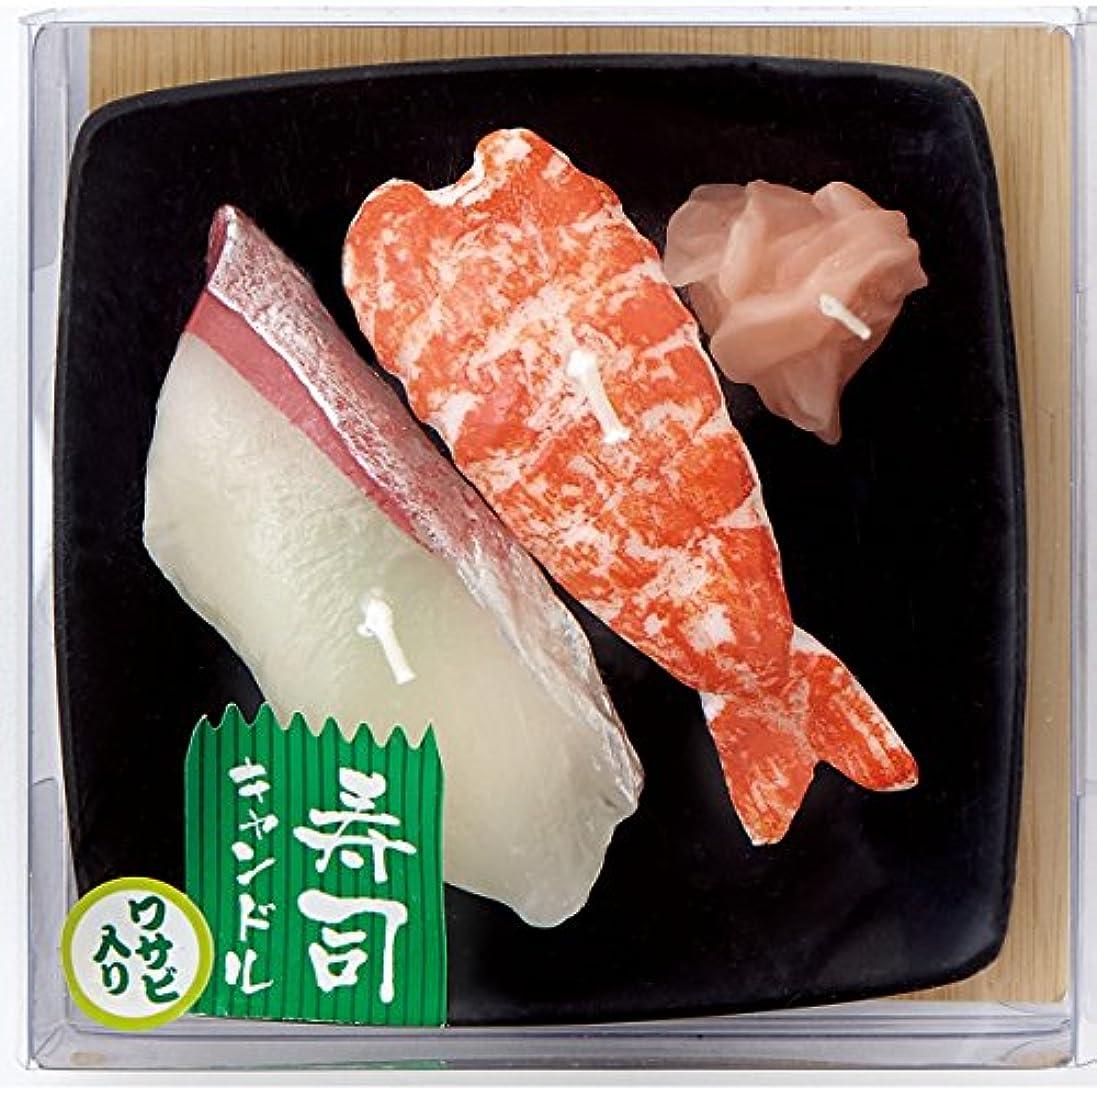 警報祝福するスカイ寿司キャンドル B(エビ?ハマチ) サビ入